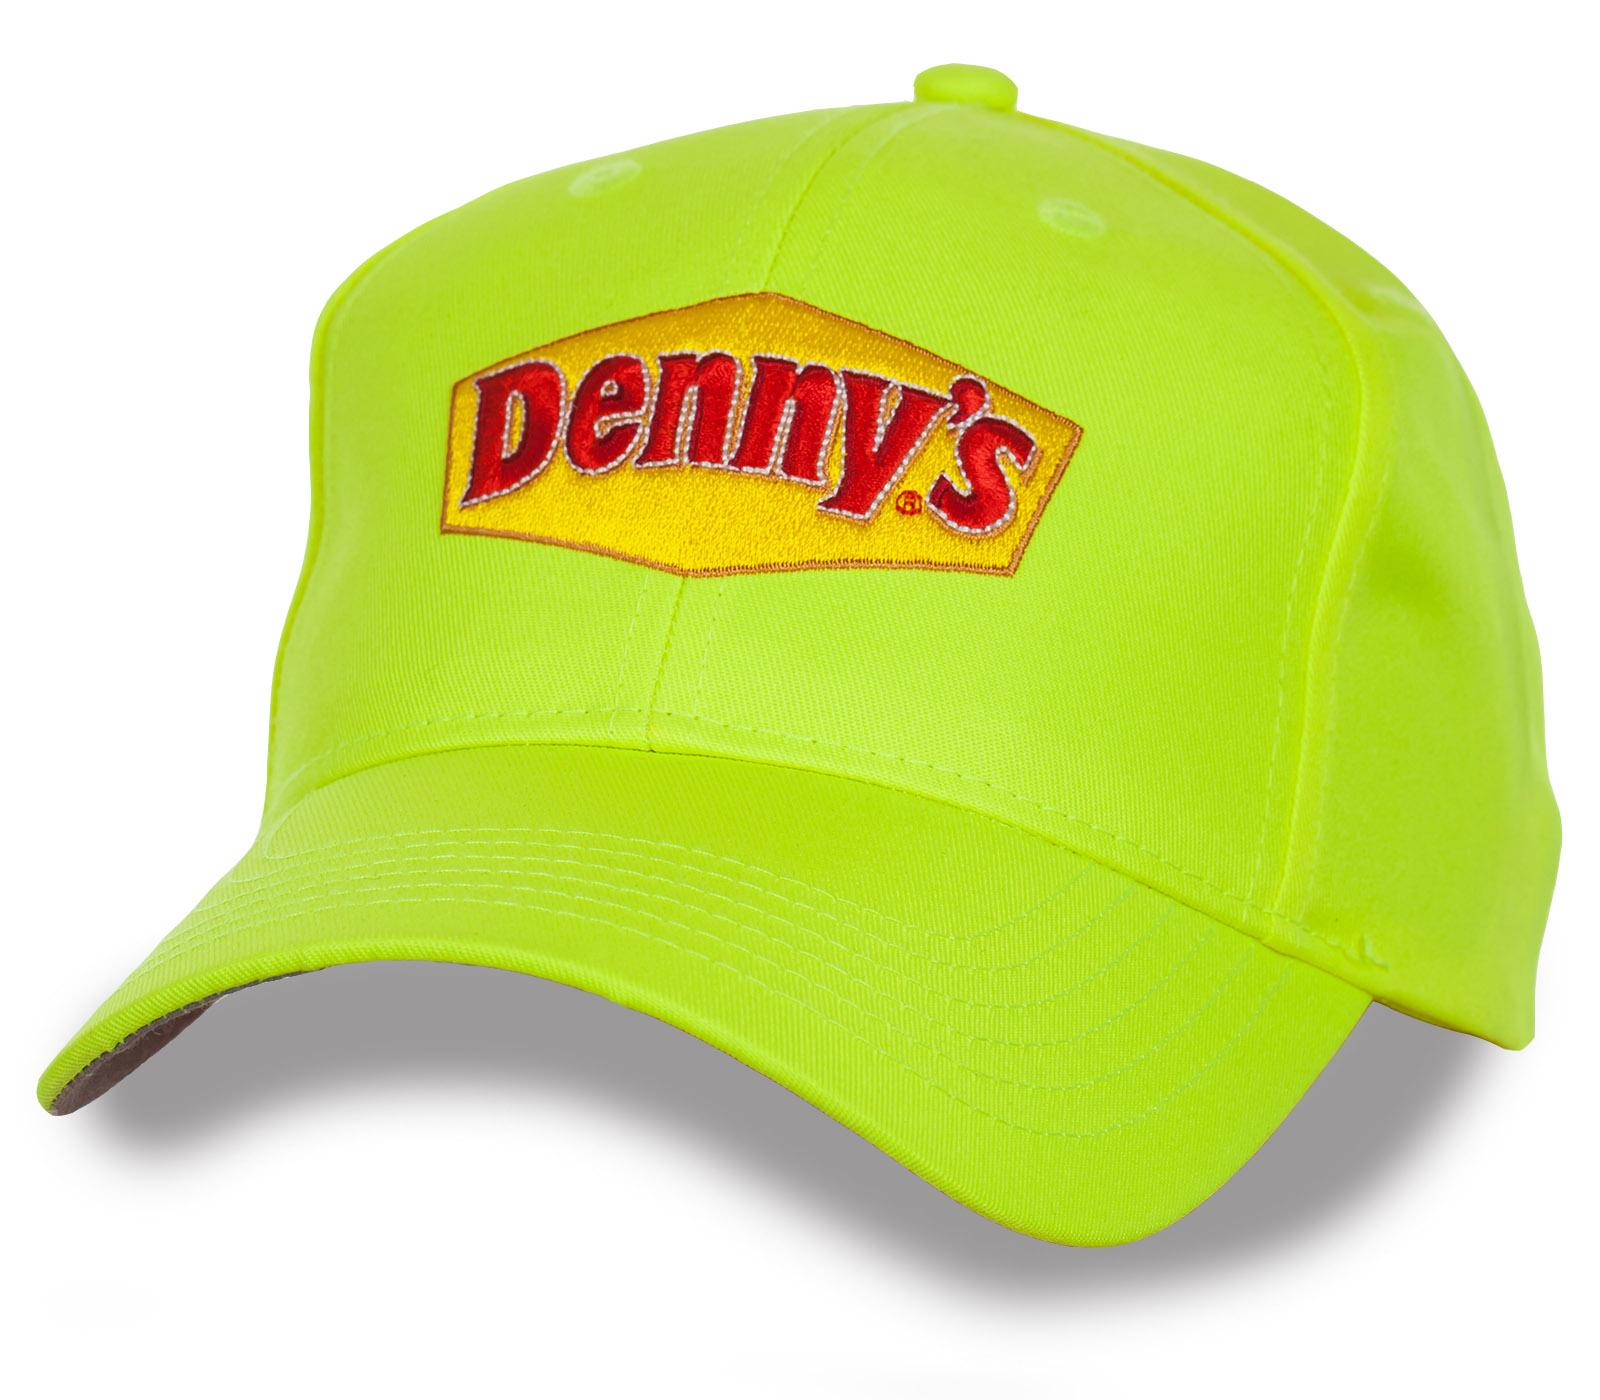 Купить яркую летнюю бейсболку DENNY'S® по оптимальной цене